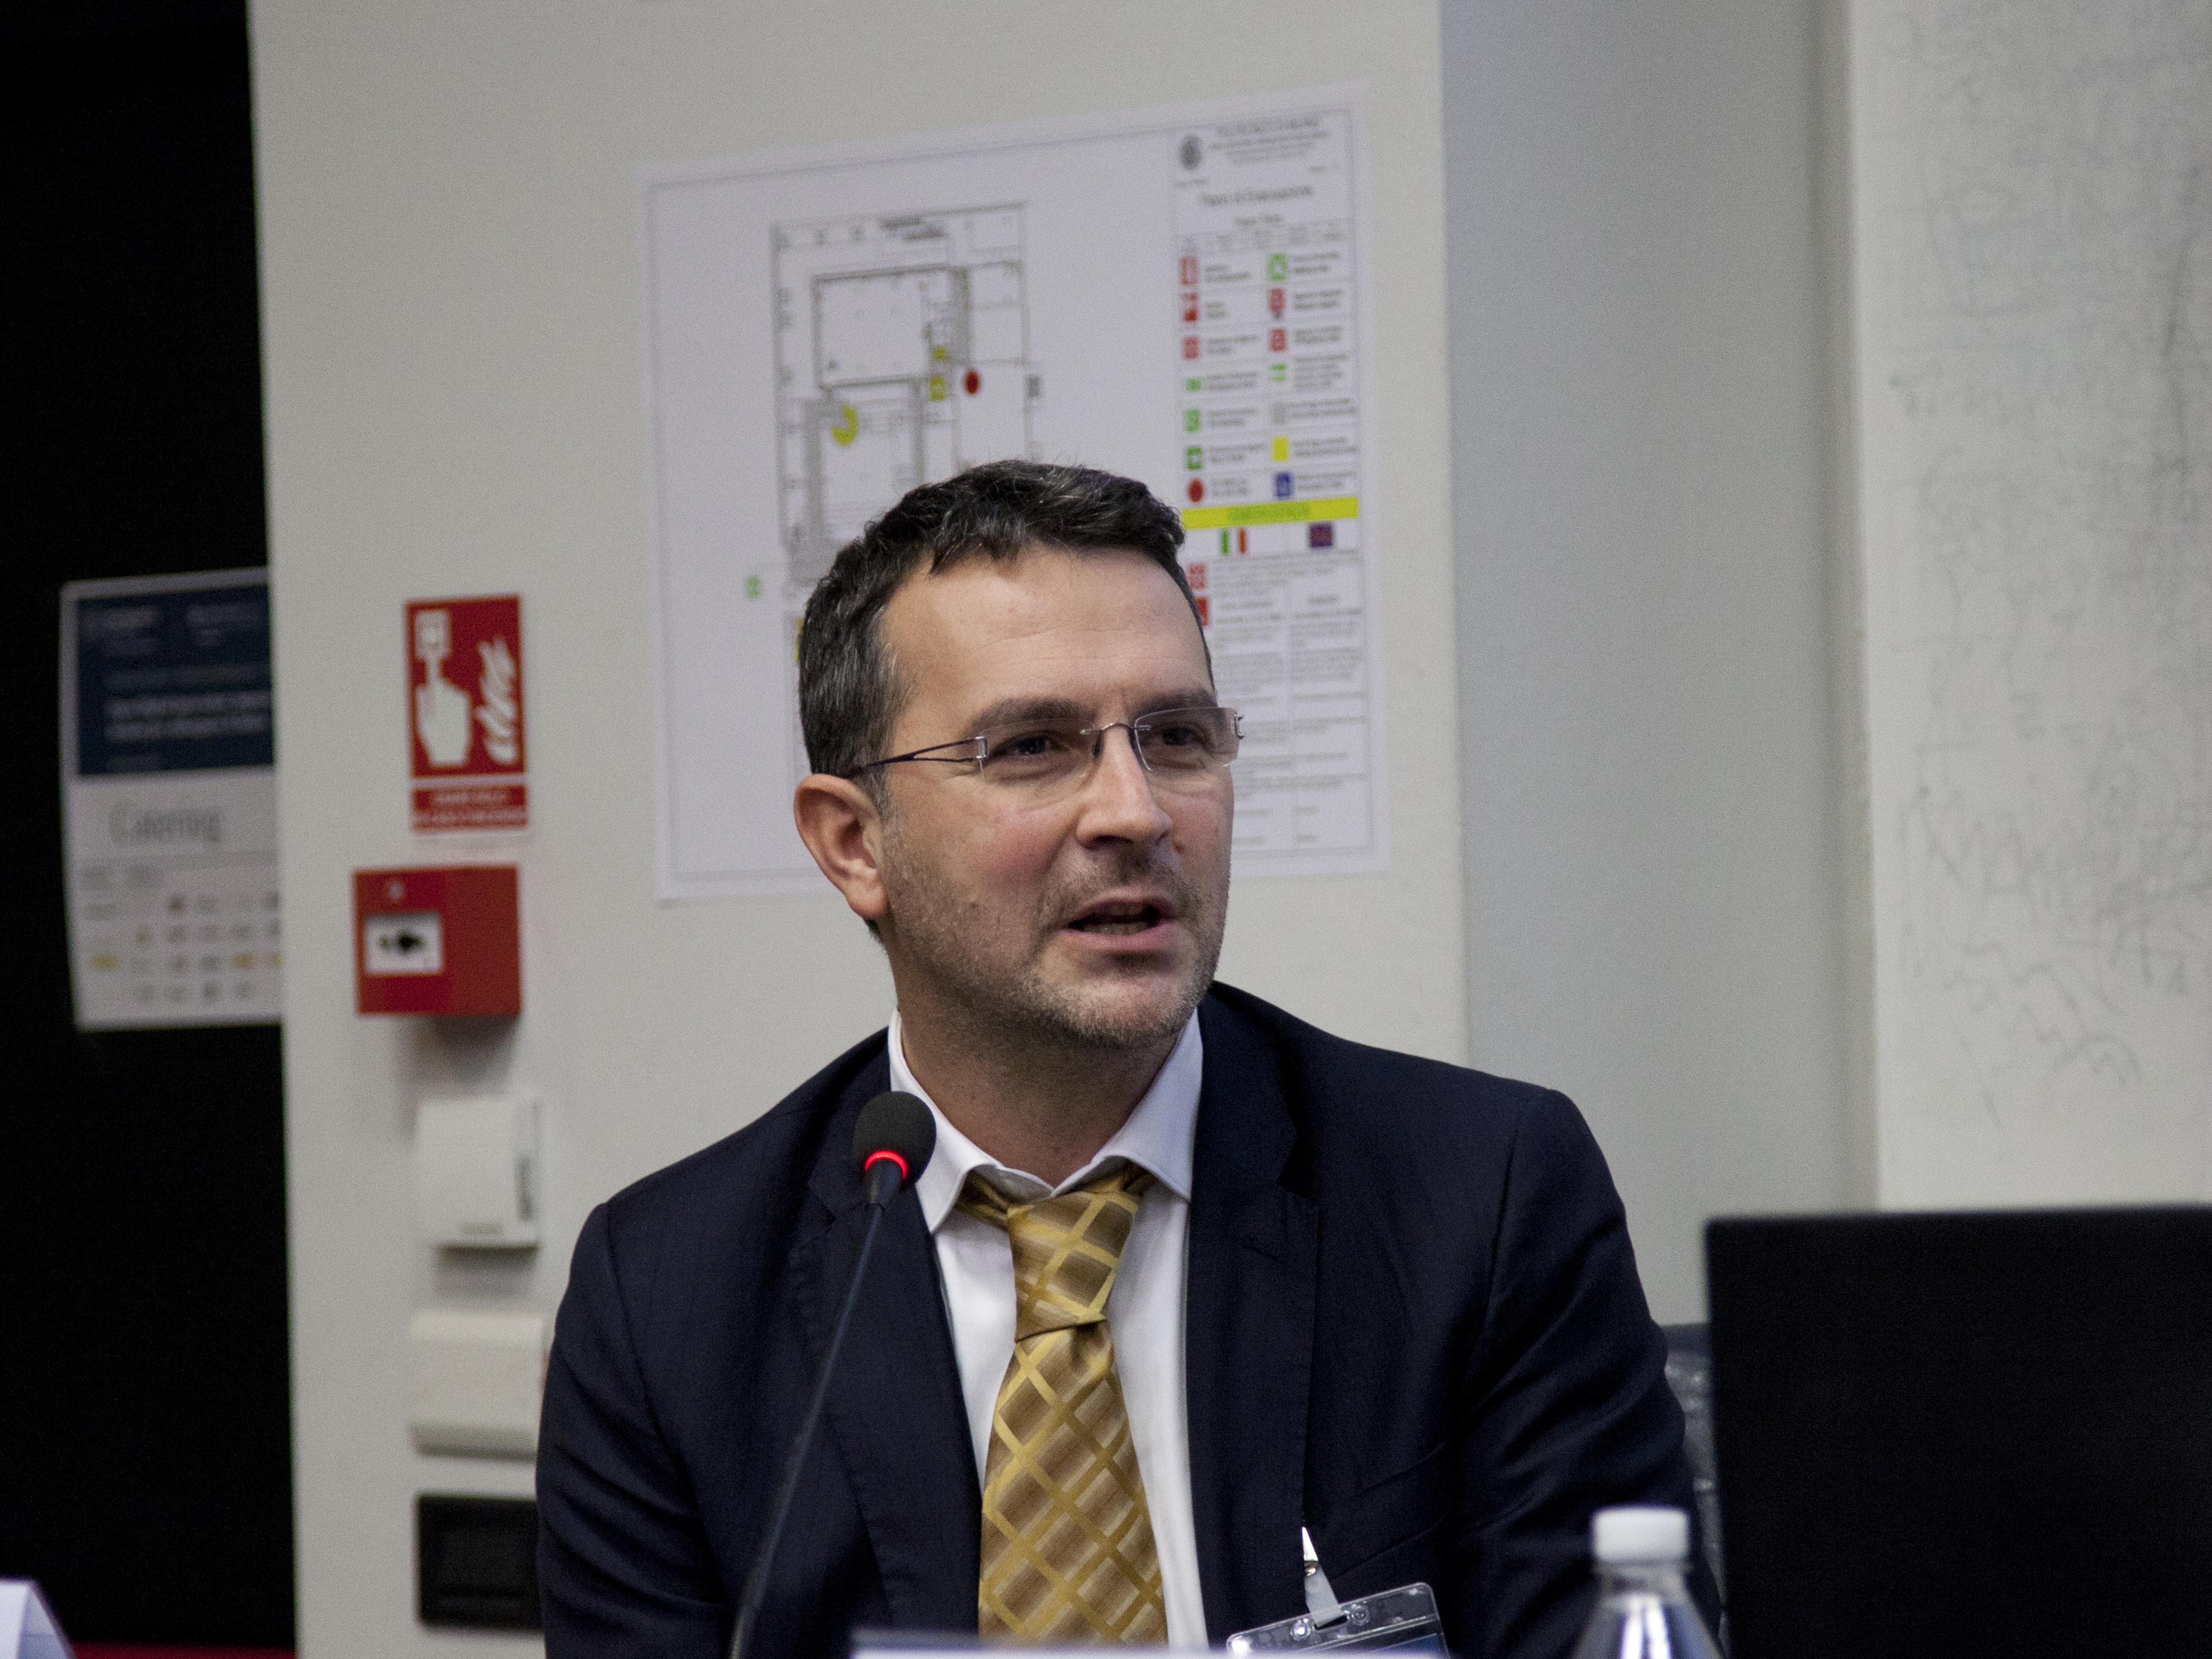 Francesco Testa, Head of Innovation and Architecture di CheBanca!